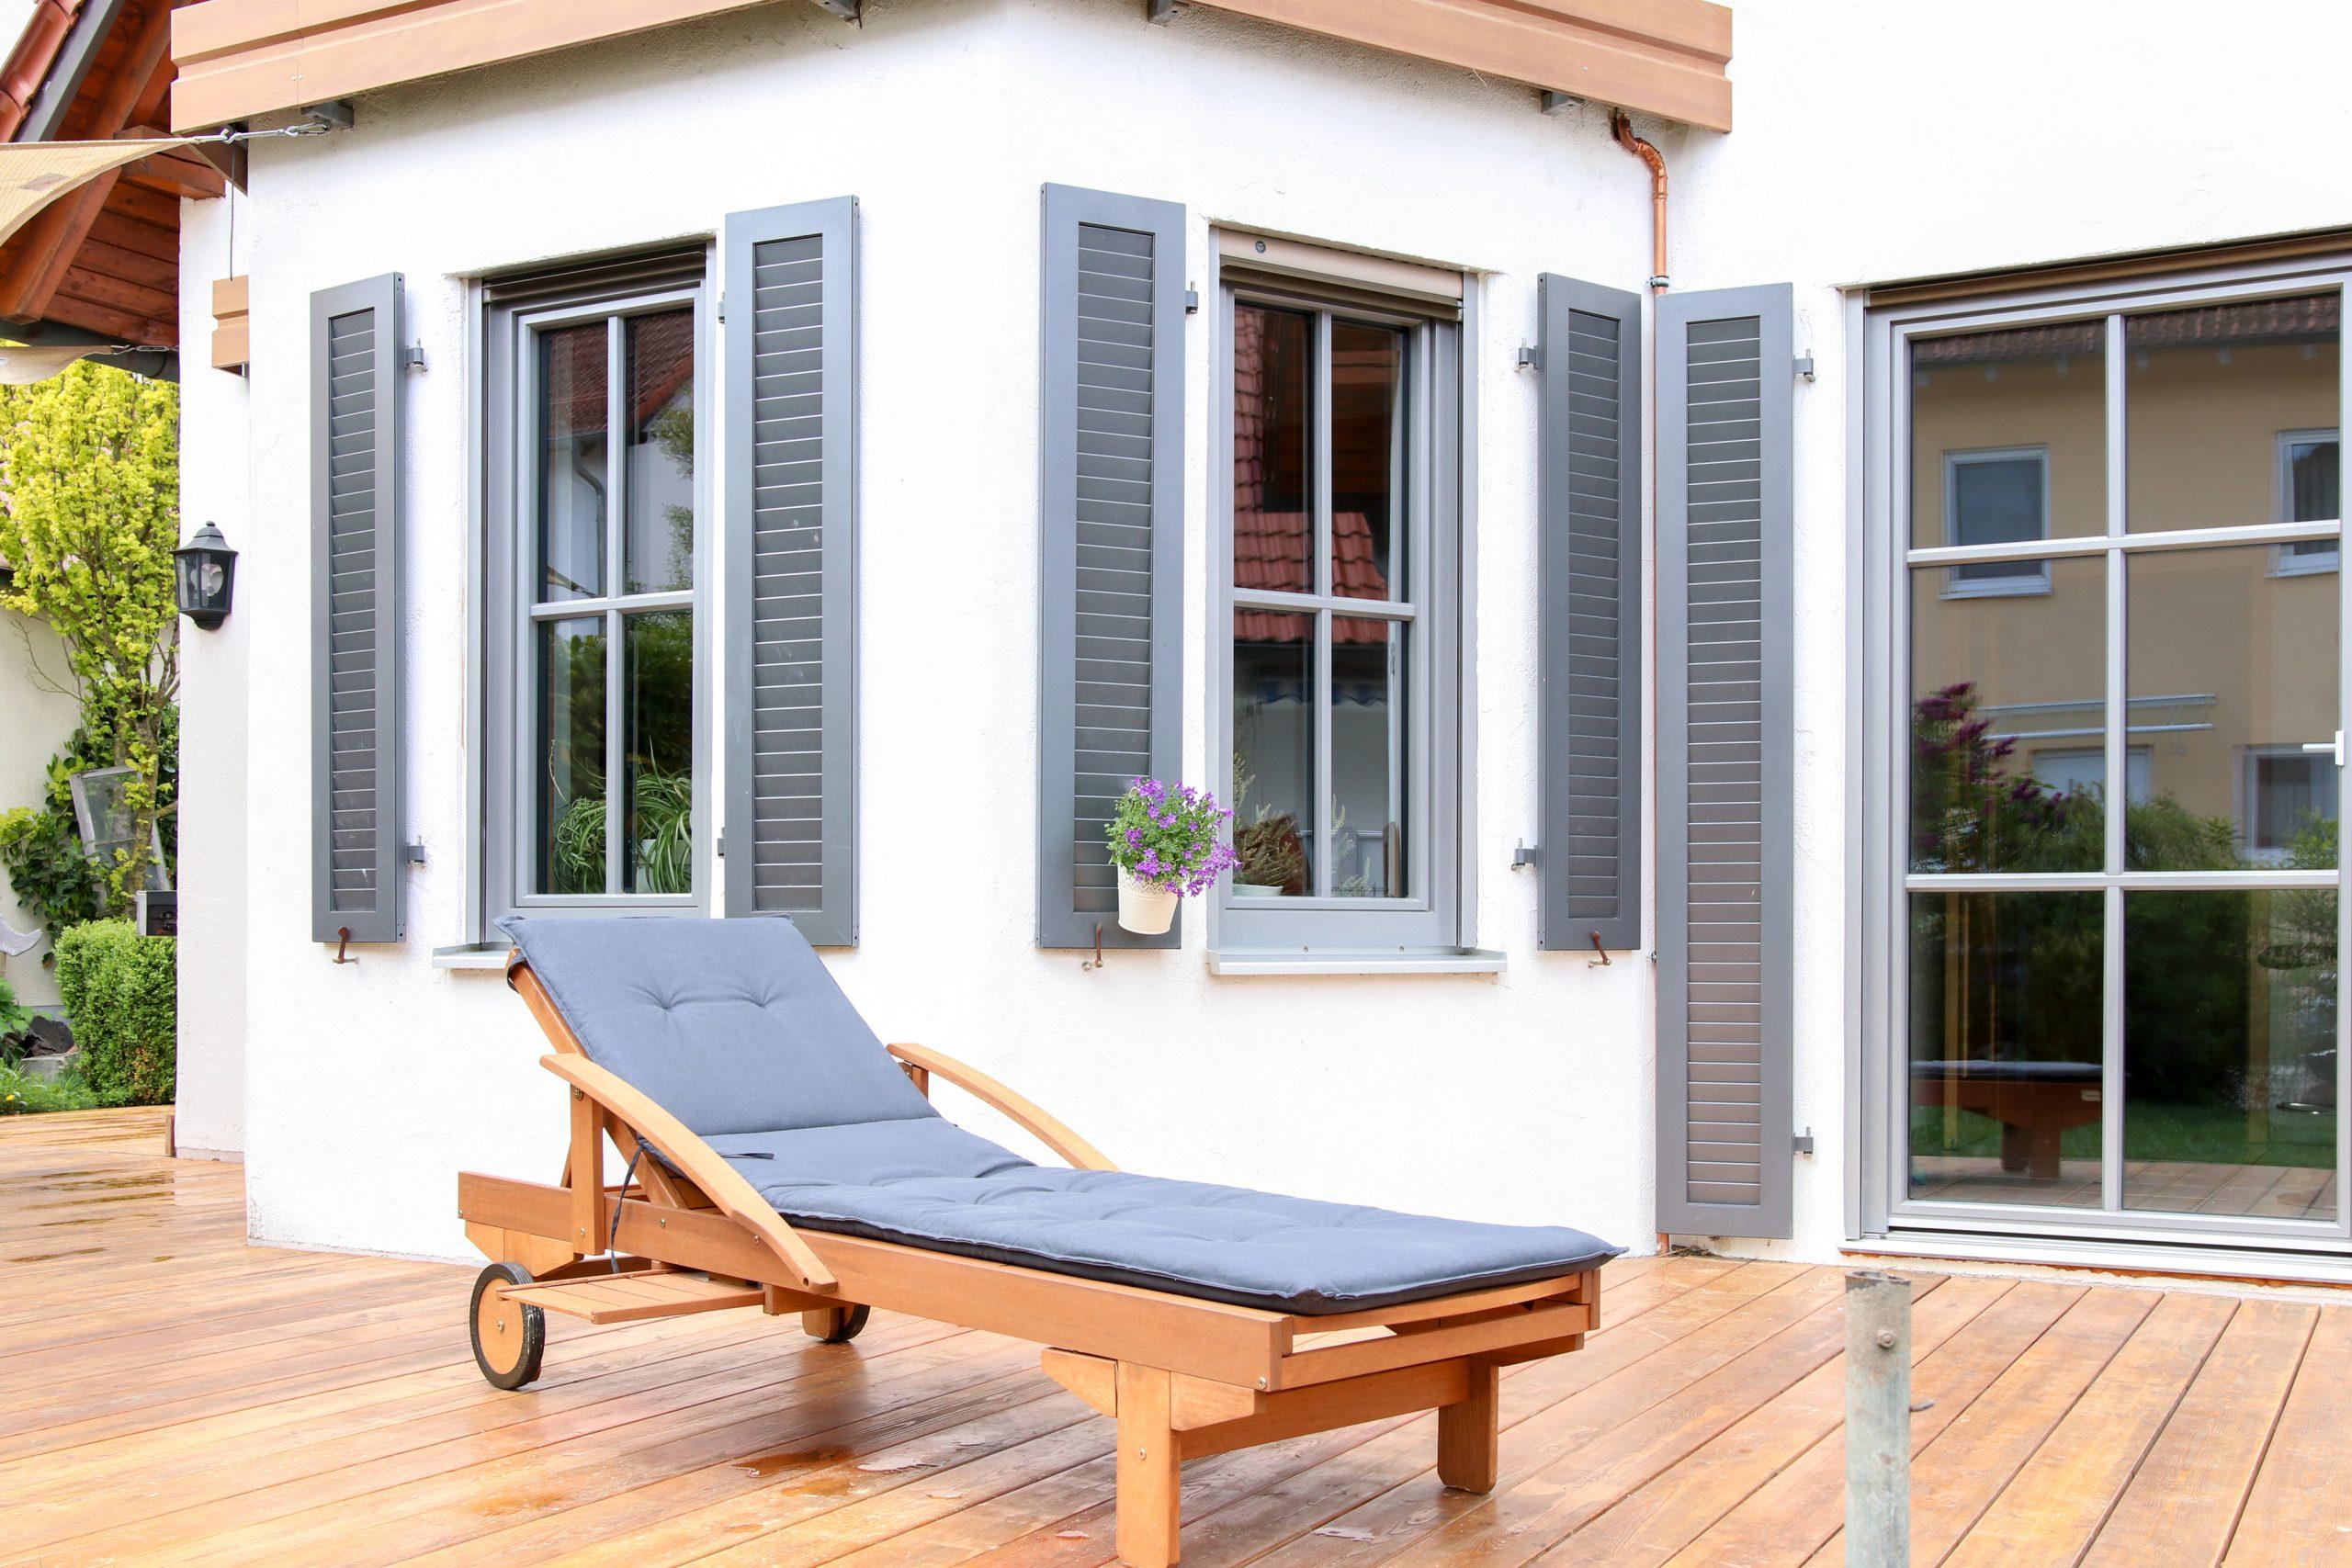 Fenster innen Holz, außen Alu